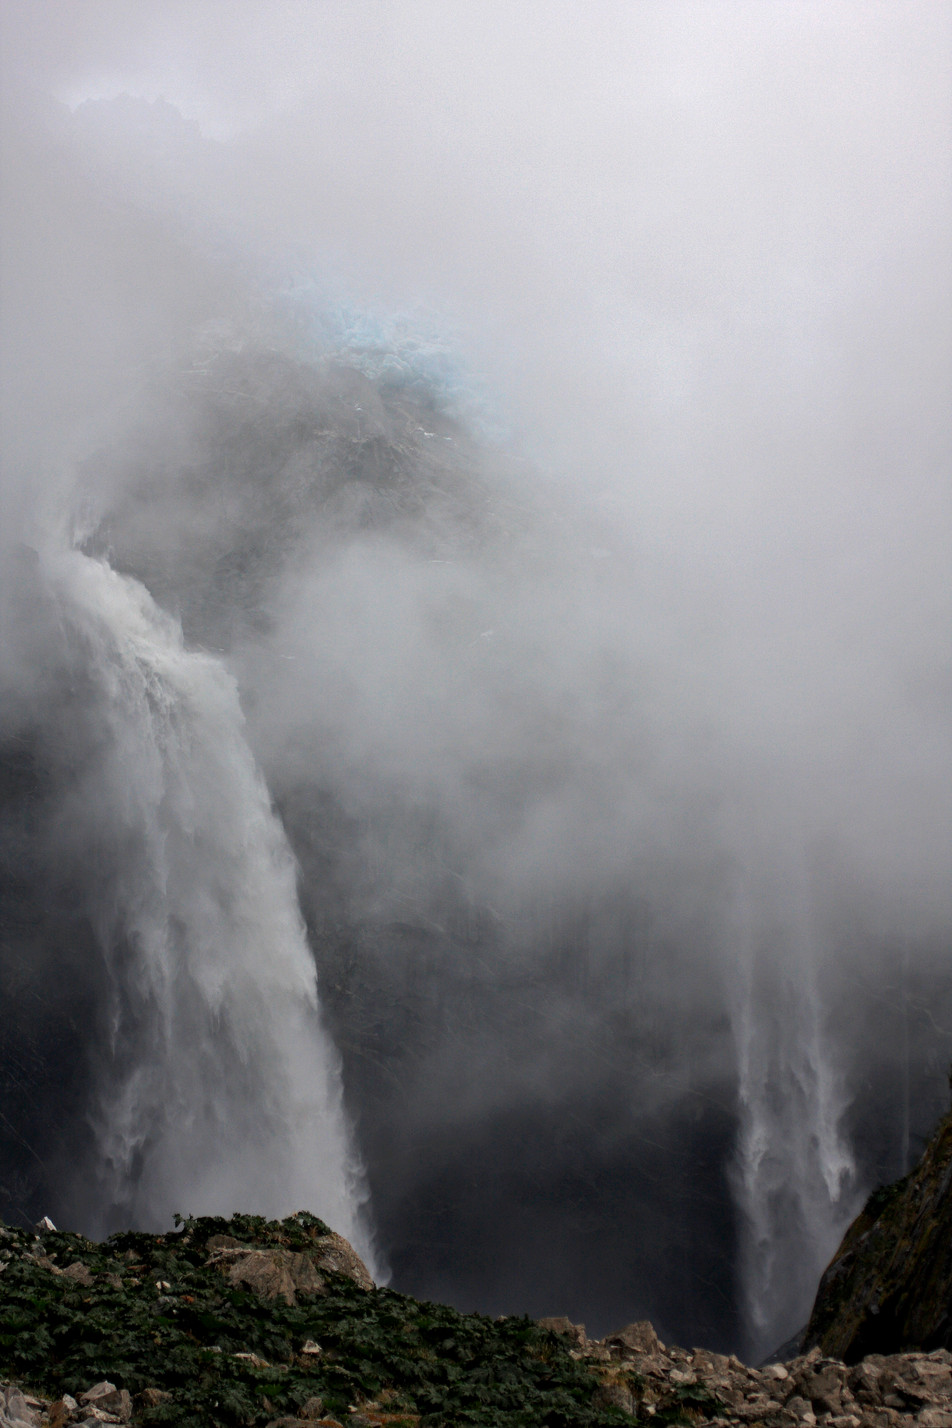 Wasserfall No. 09